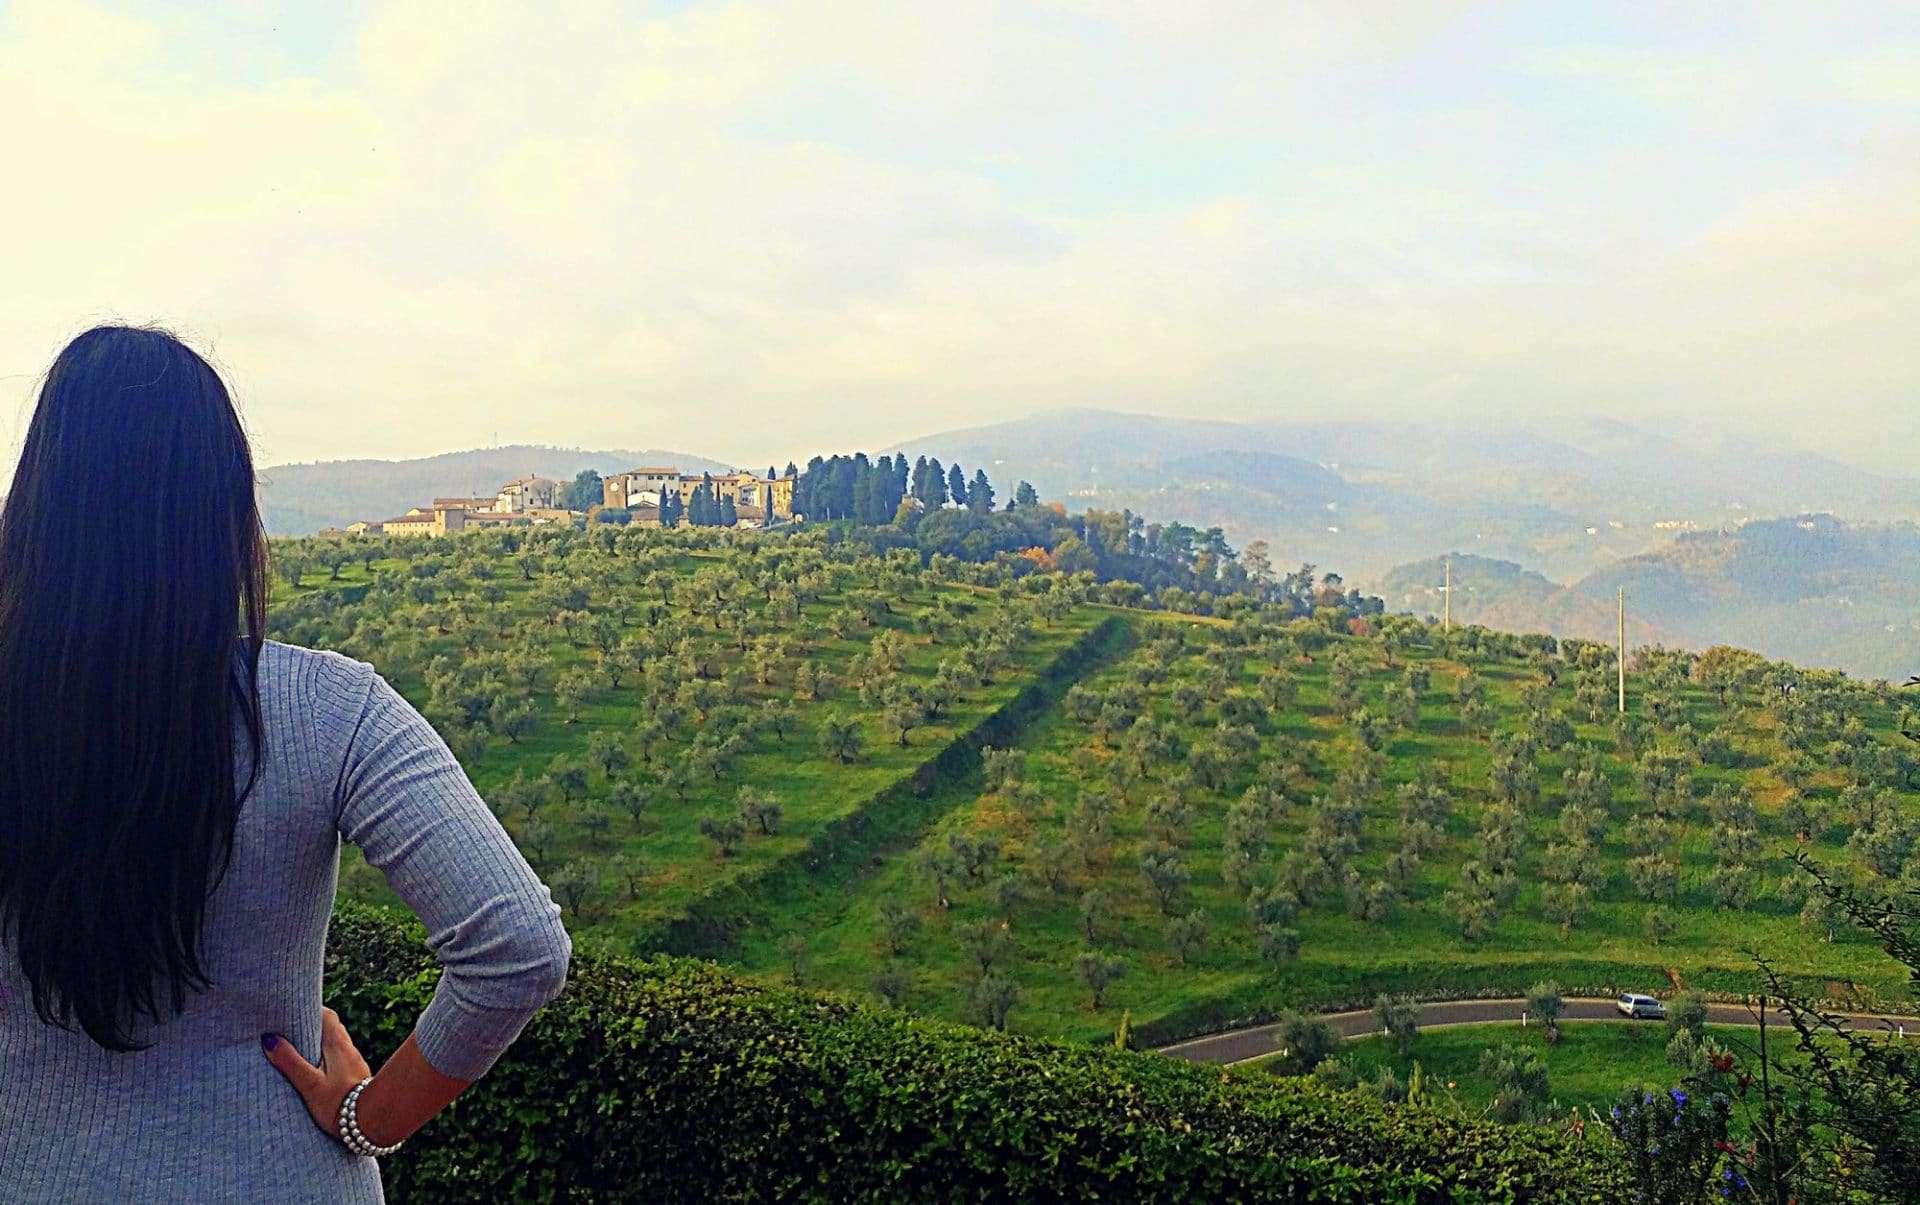 6 cose da fare ad Artimino, piccolo borgo medievale nei dintorni di Firenze